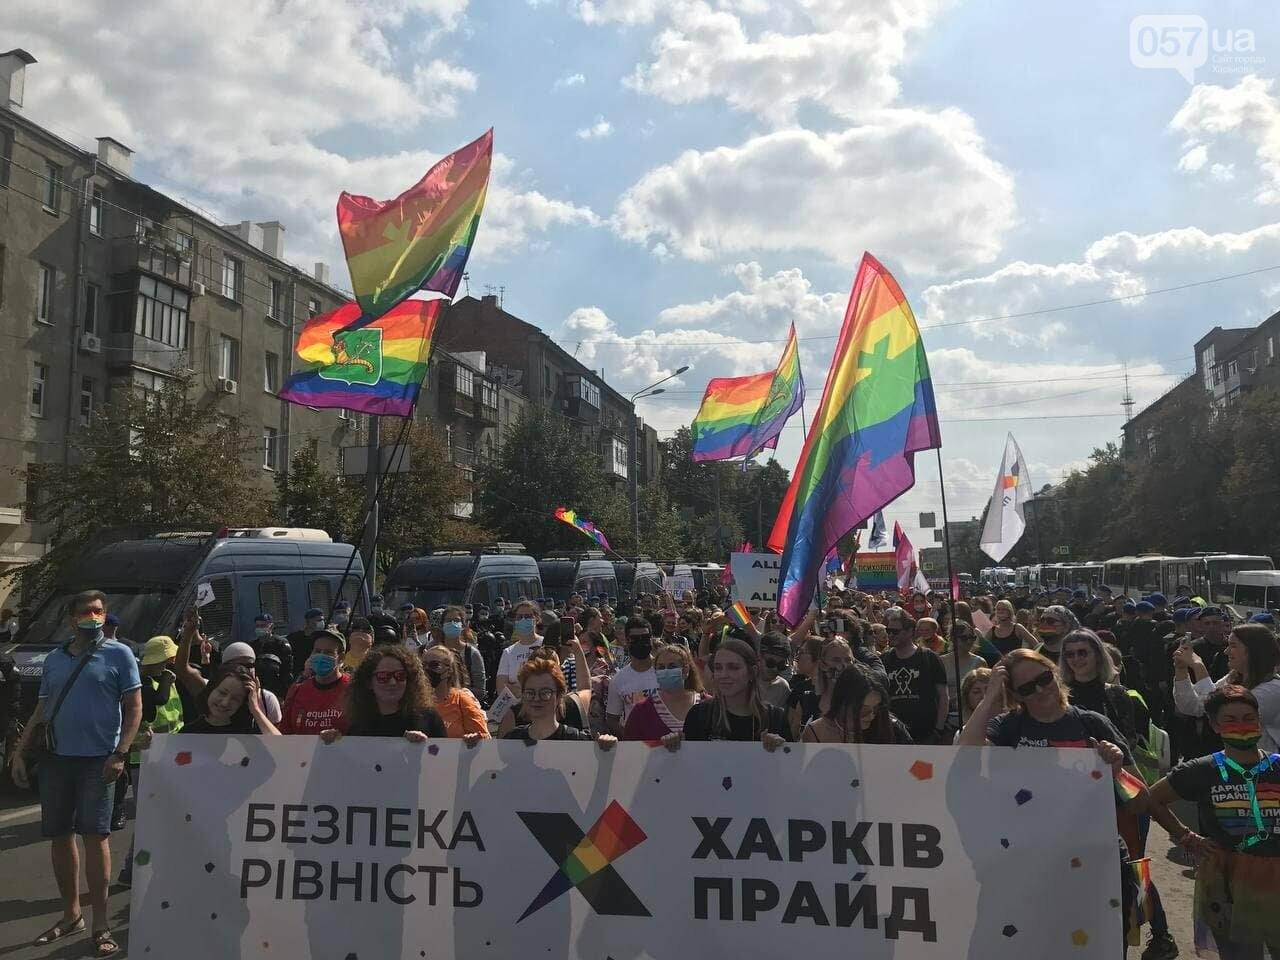 «Нет важней любви». Как в центре Харькова прошел ЛГБТ-марш, - ФОТОРЕПОРТАЖ, фото-9